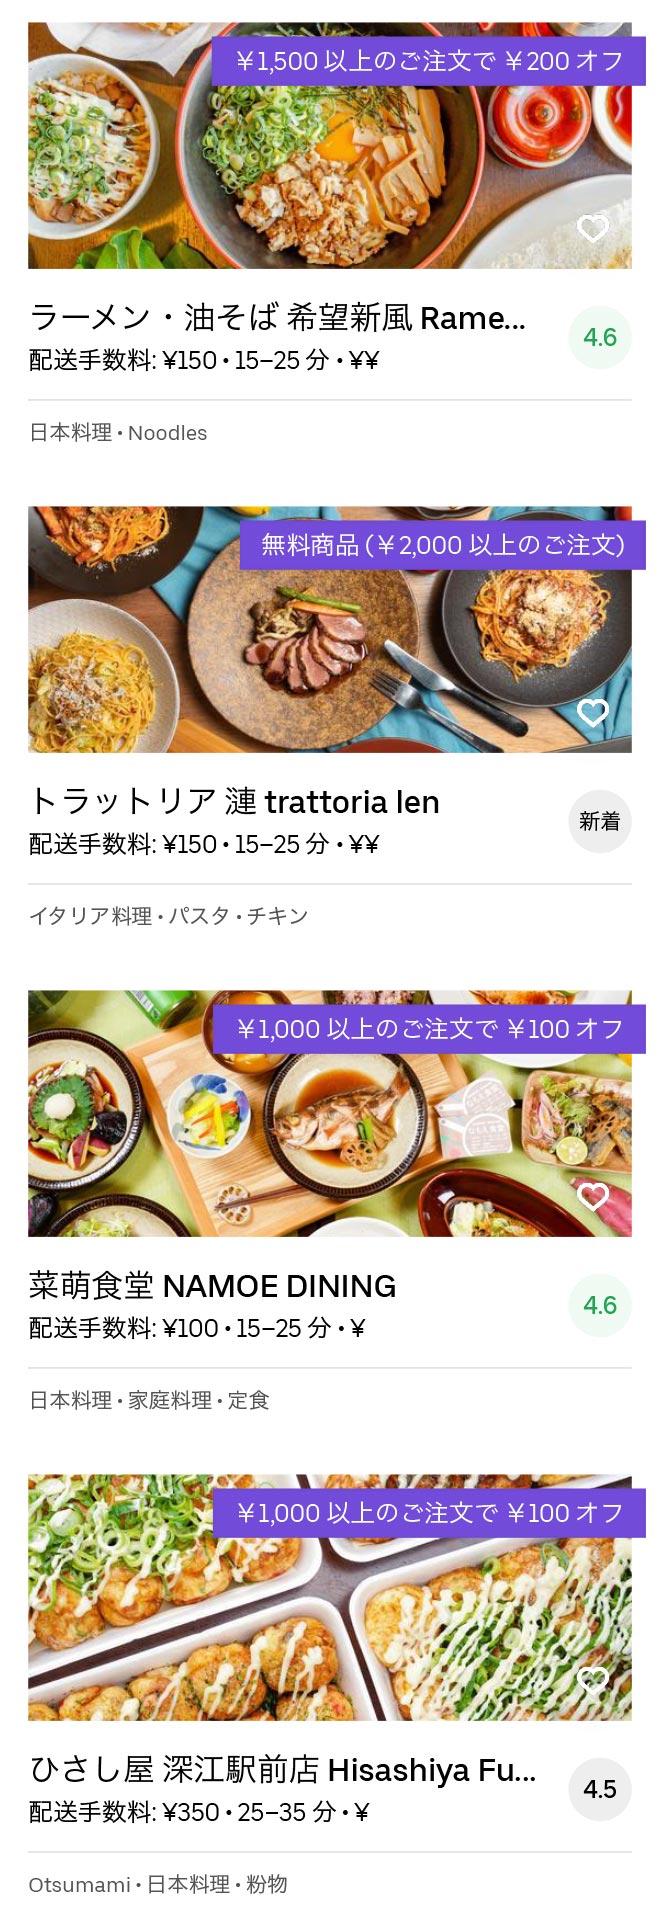 Kobe sumiyoshi menu 2005 09